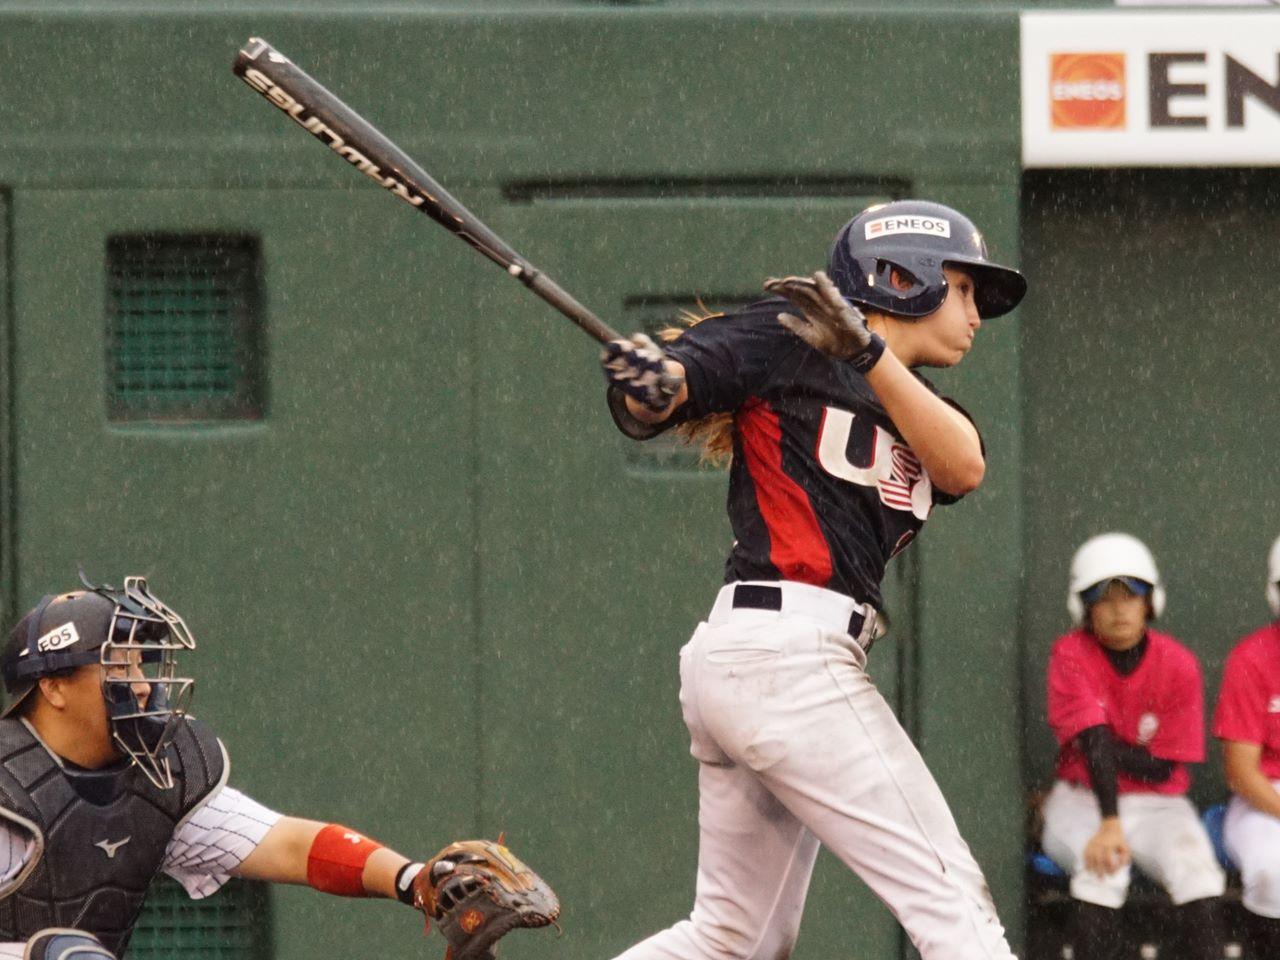 US Womens National Team hitter v Japan